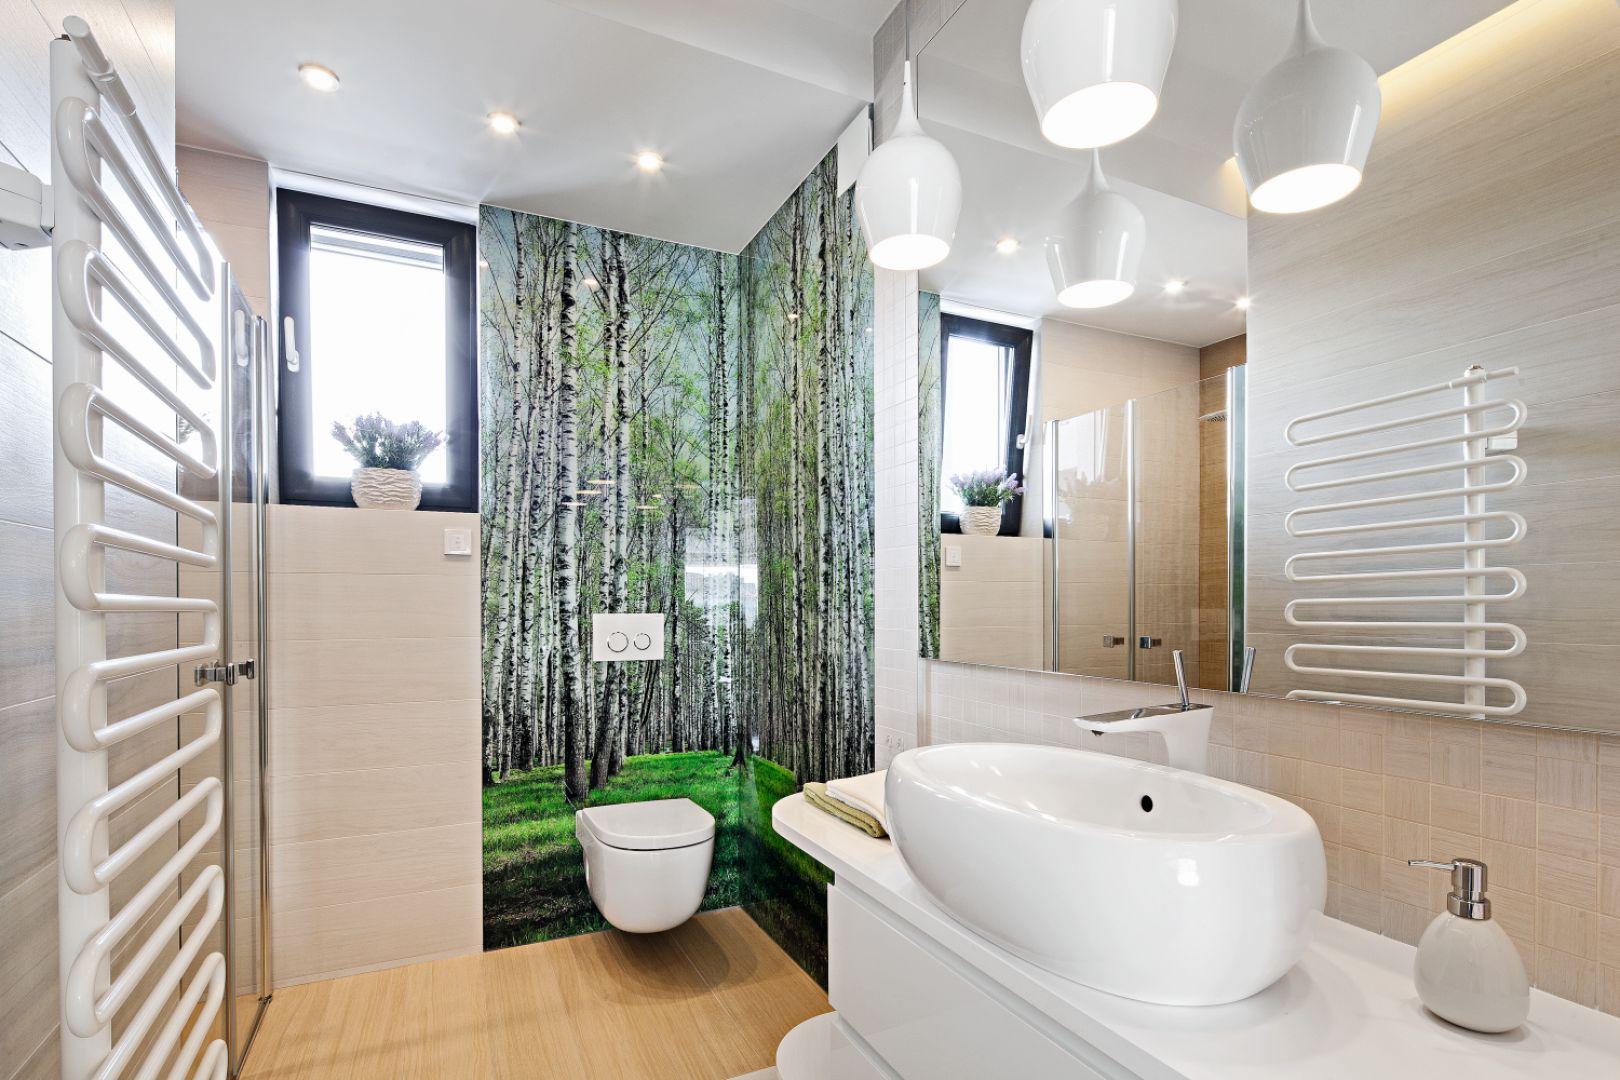 Pomysł na ścianę w łazience. Proj. Renata Modrzyńska-Kasiak. Fot. Bartosz Jarosz